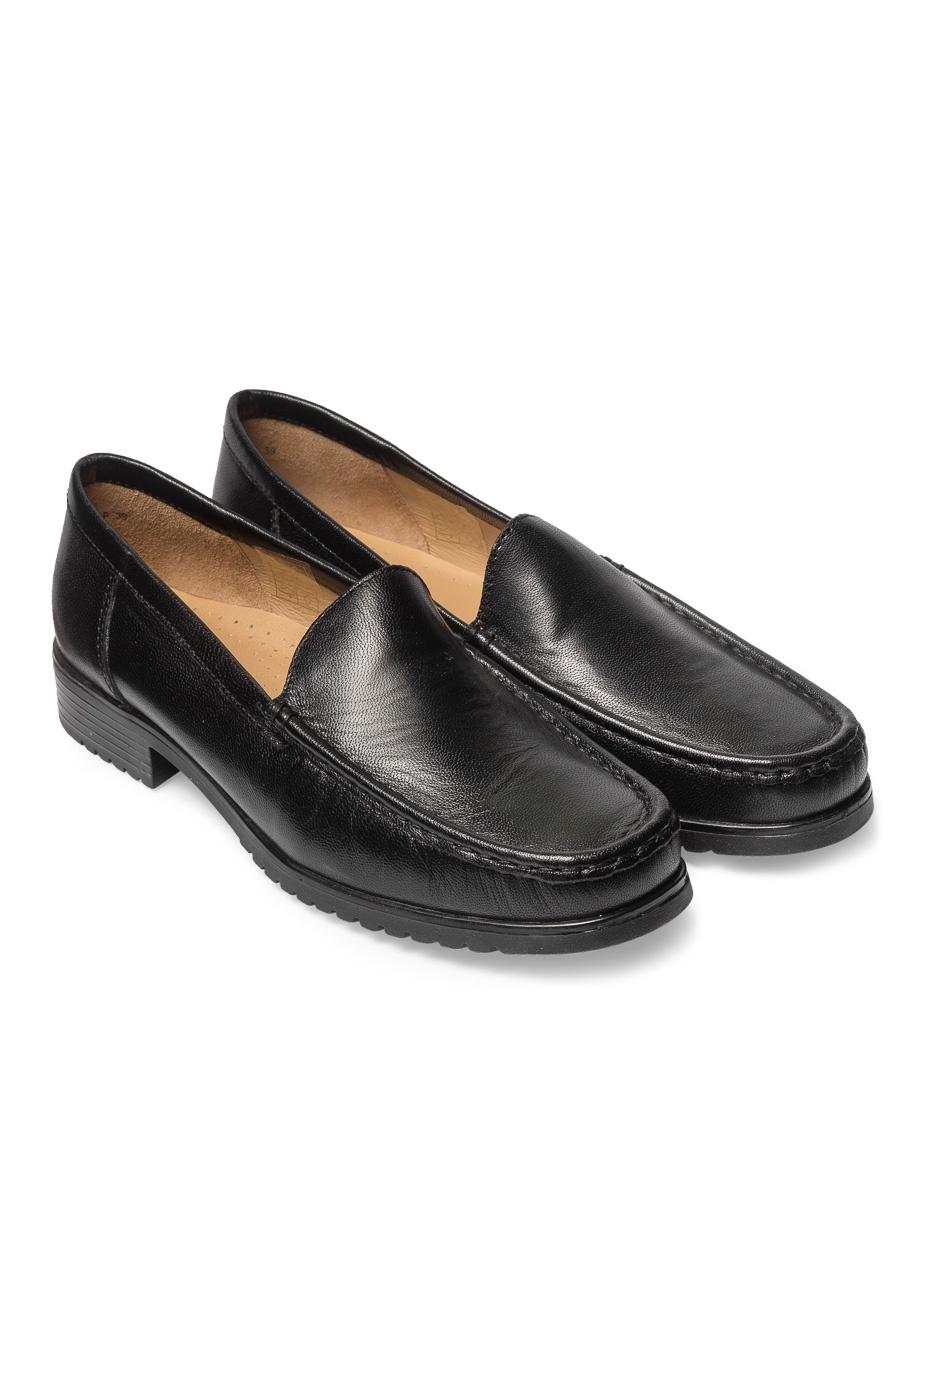 Лоферы Valley ботинки для девочки keddo цвет темно коричневый 588127 03 18 размер 35